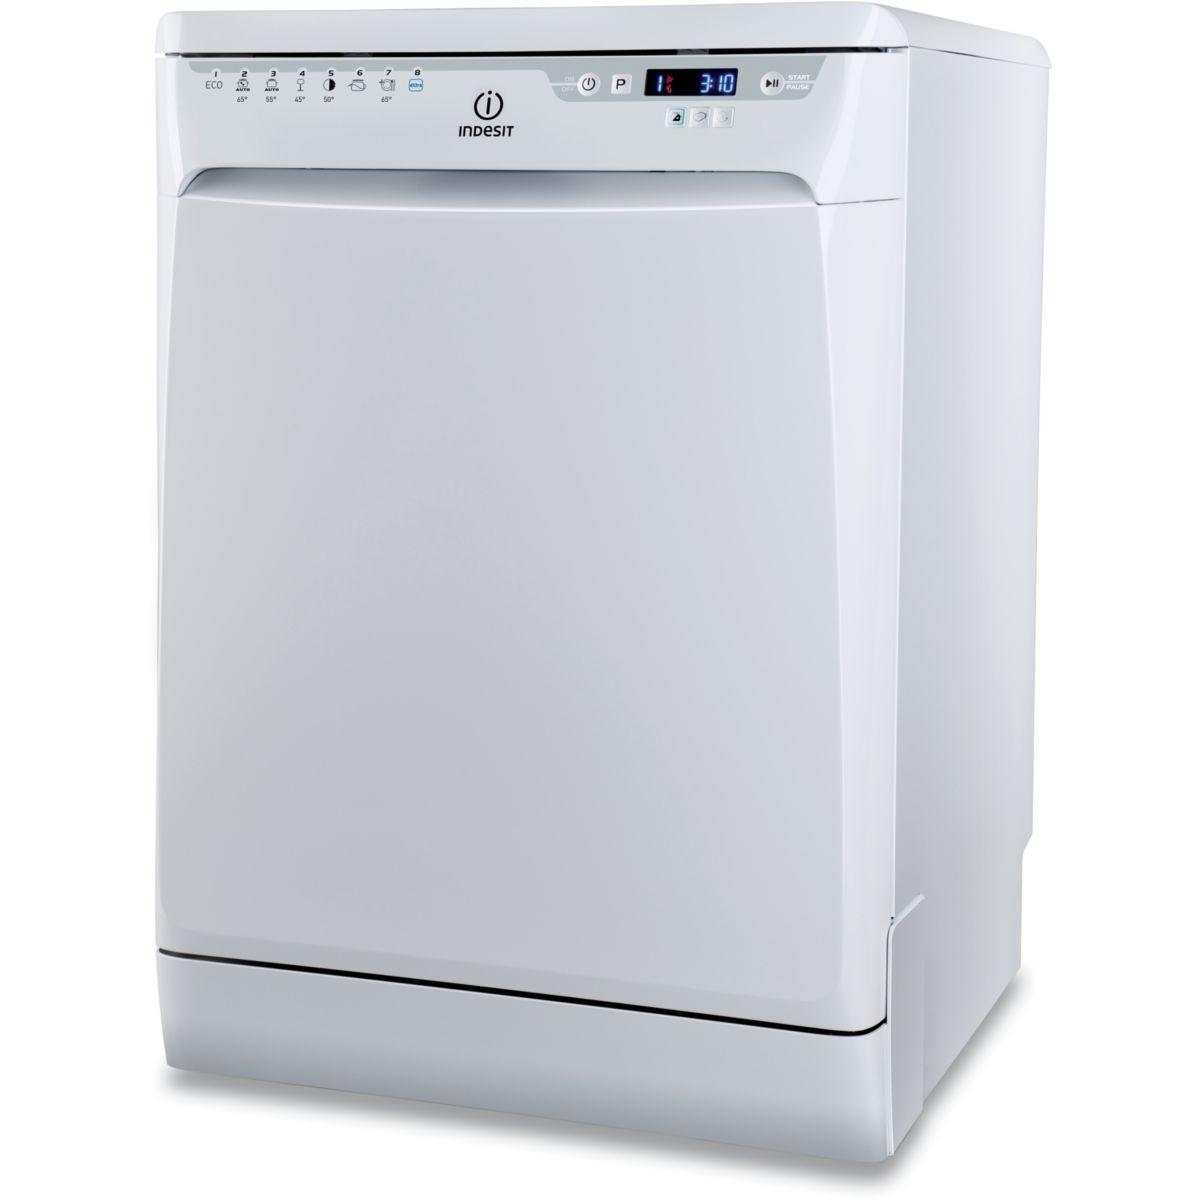 Lave-vaisselle 60cm indesit dfp 58t94 a eu - livraison offerte : code livlaverie (photo)